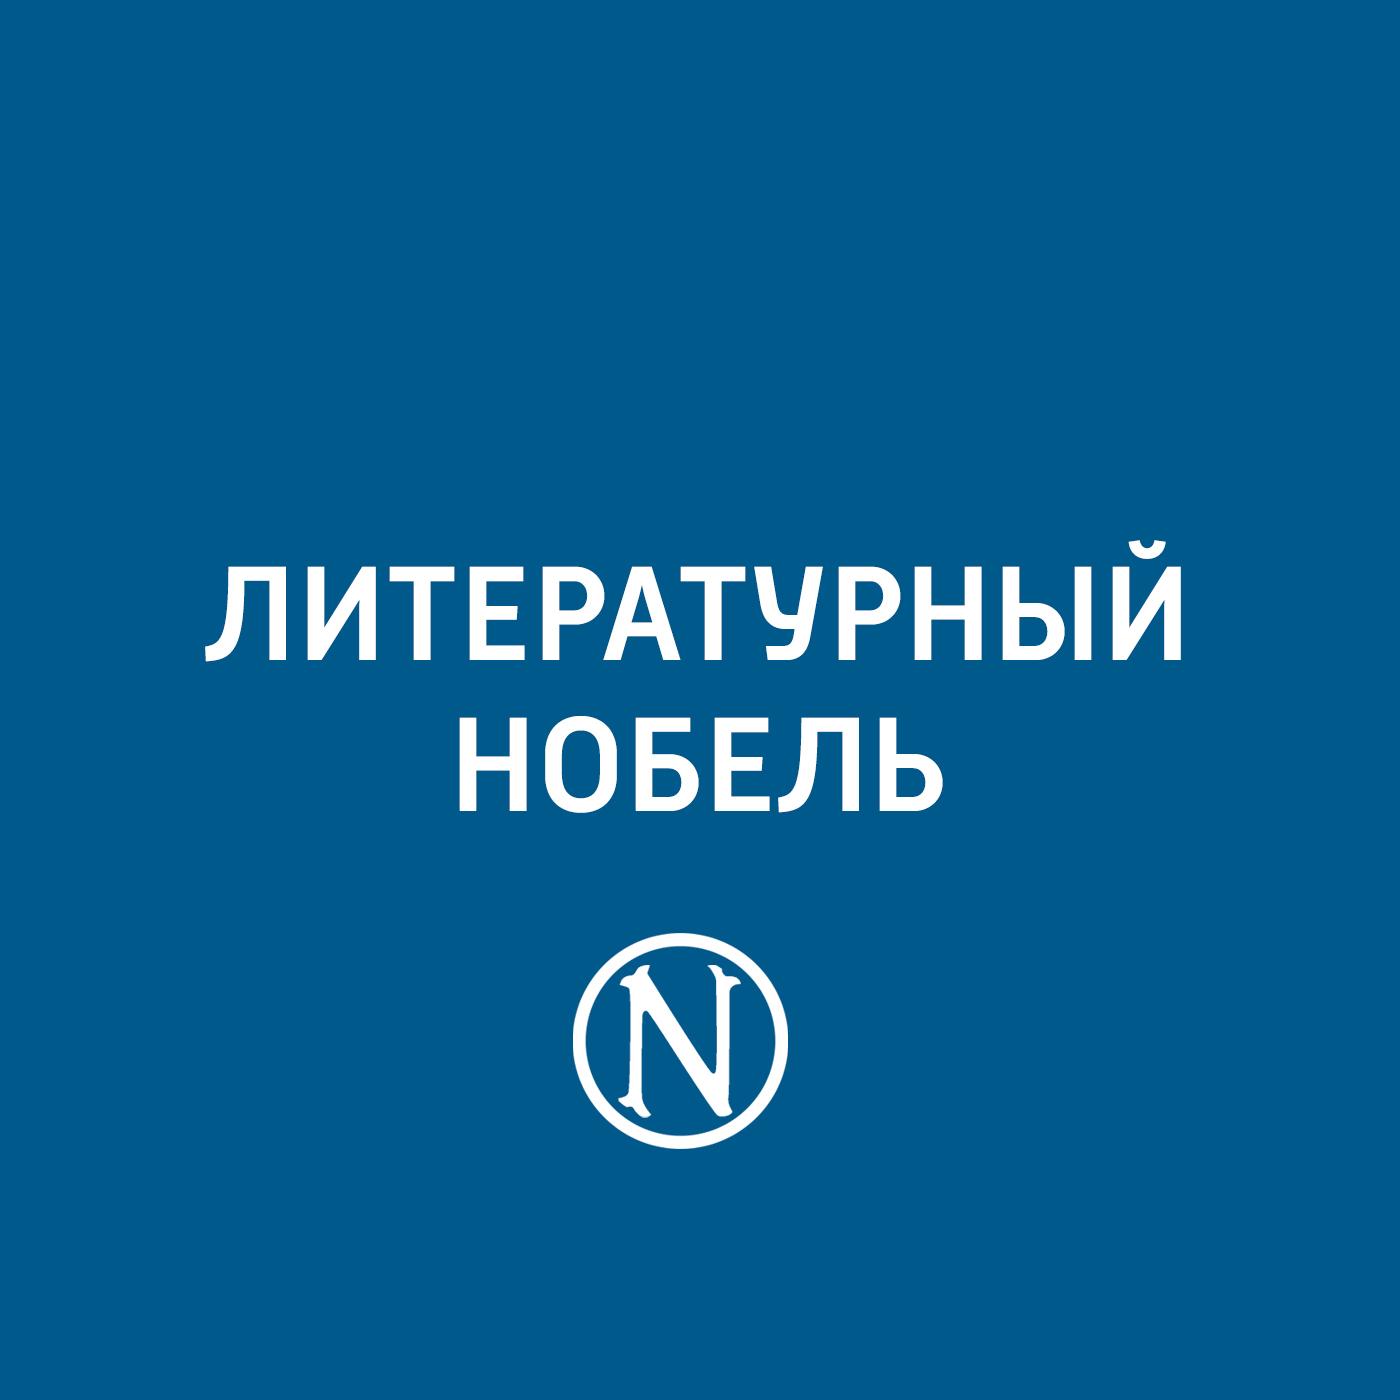 Евгений Стаховский Бертран Рассел вечер неудач рассел р